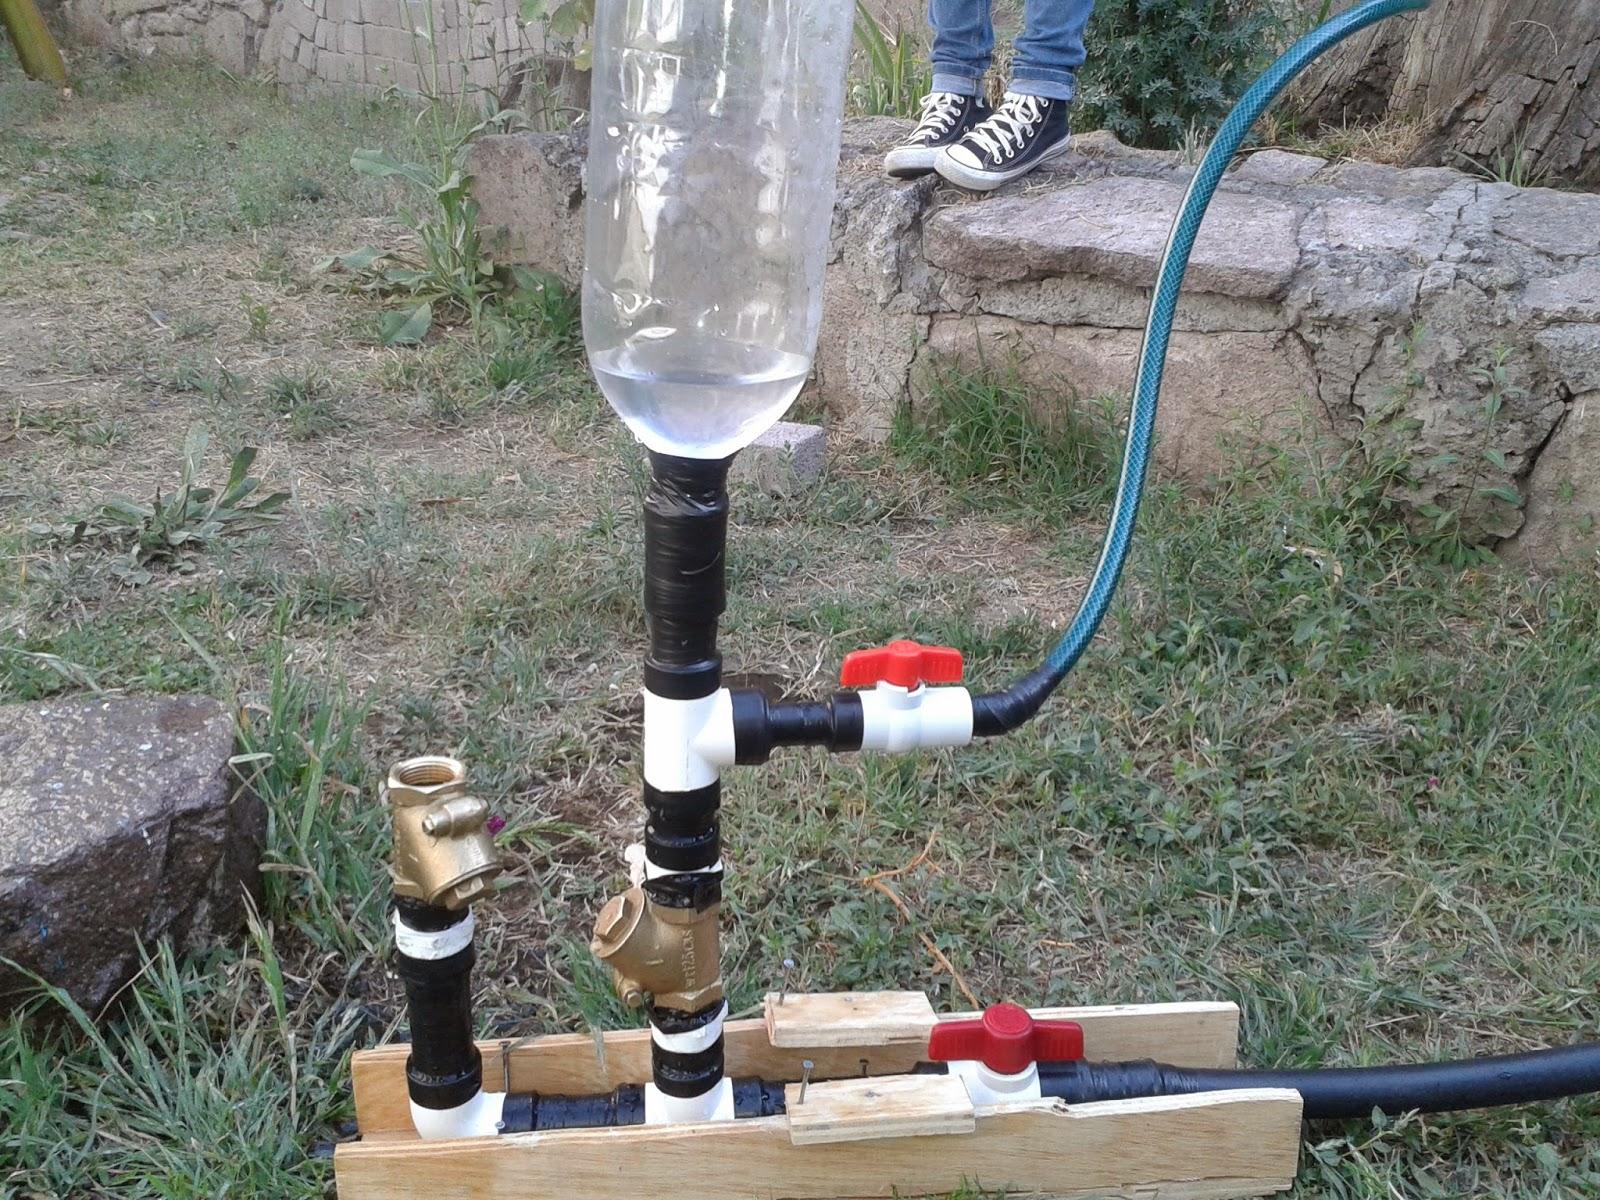 El agua bombea al agua for Ariete evo 2 in 1